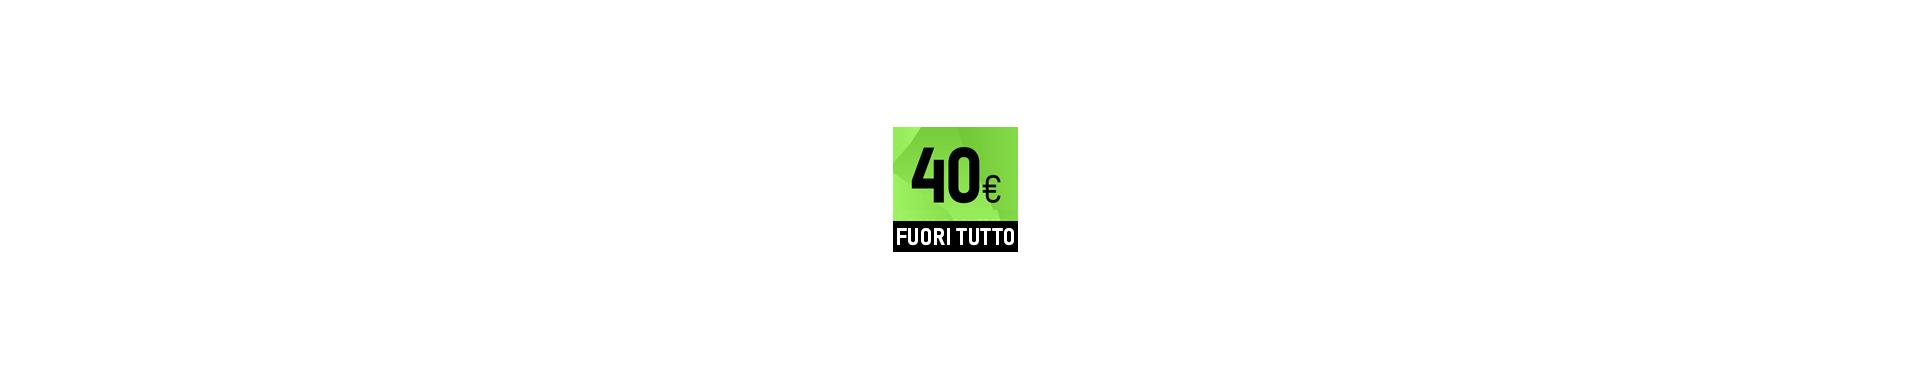 FUORI TUTTO A € 40